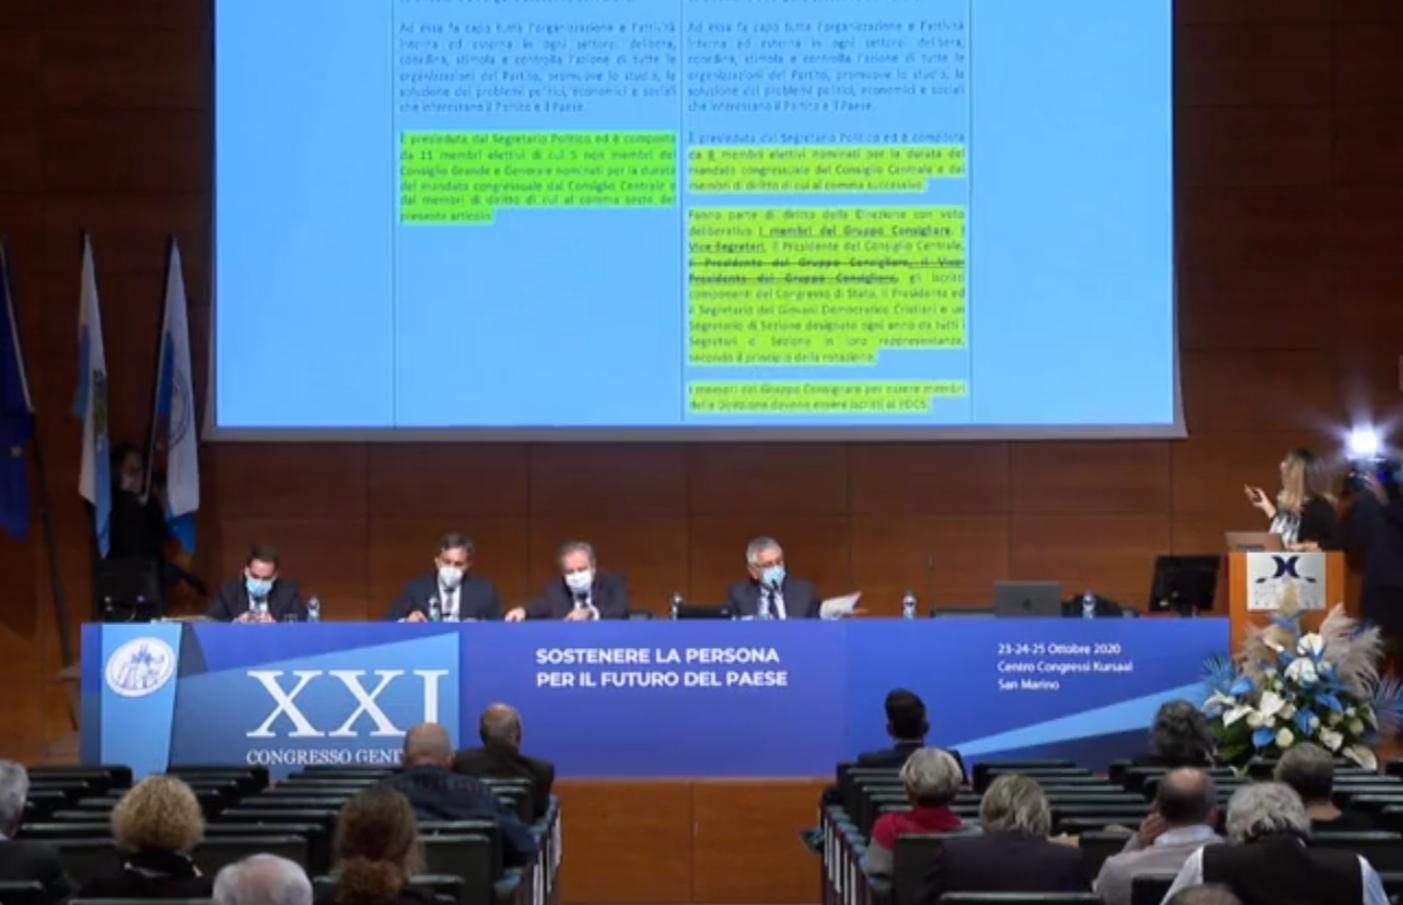 Al Centro Congressi Kursaal prosegue il dibattito del XXI Congresso del Pdcs Ufficializzate le candidature di Gian Carlo Venturini e Marcella Michelotti